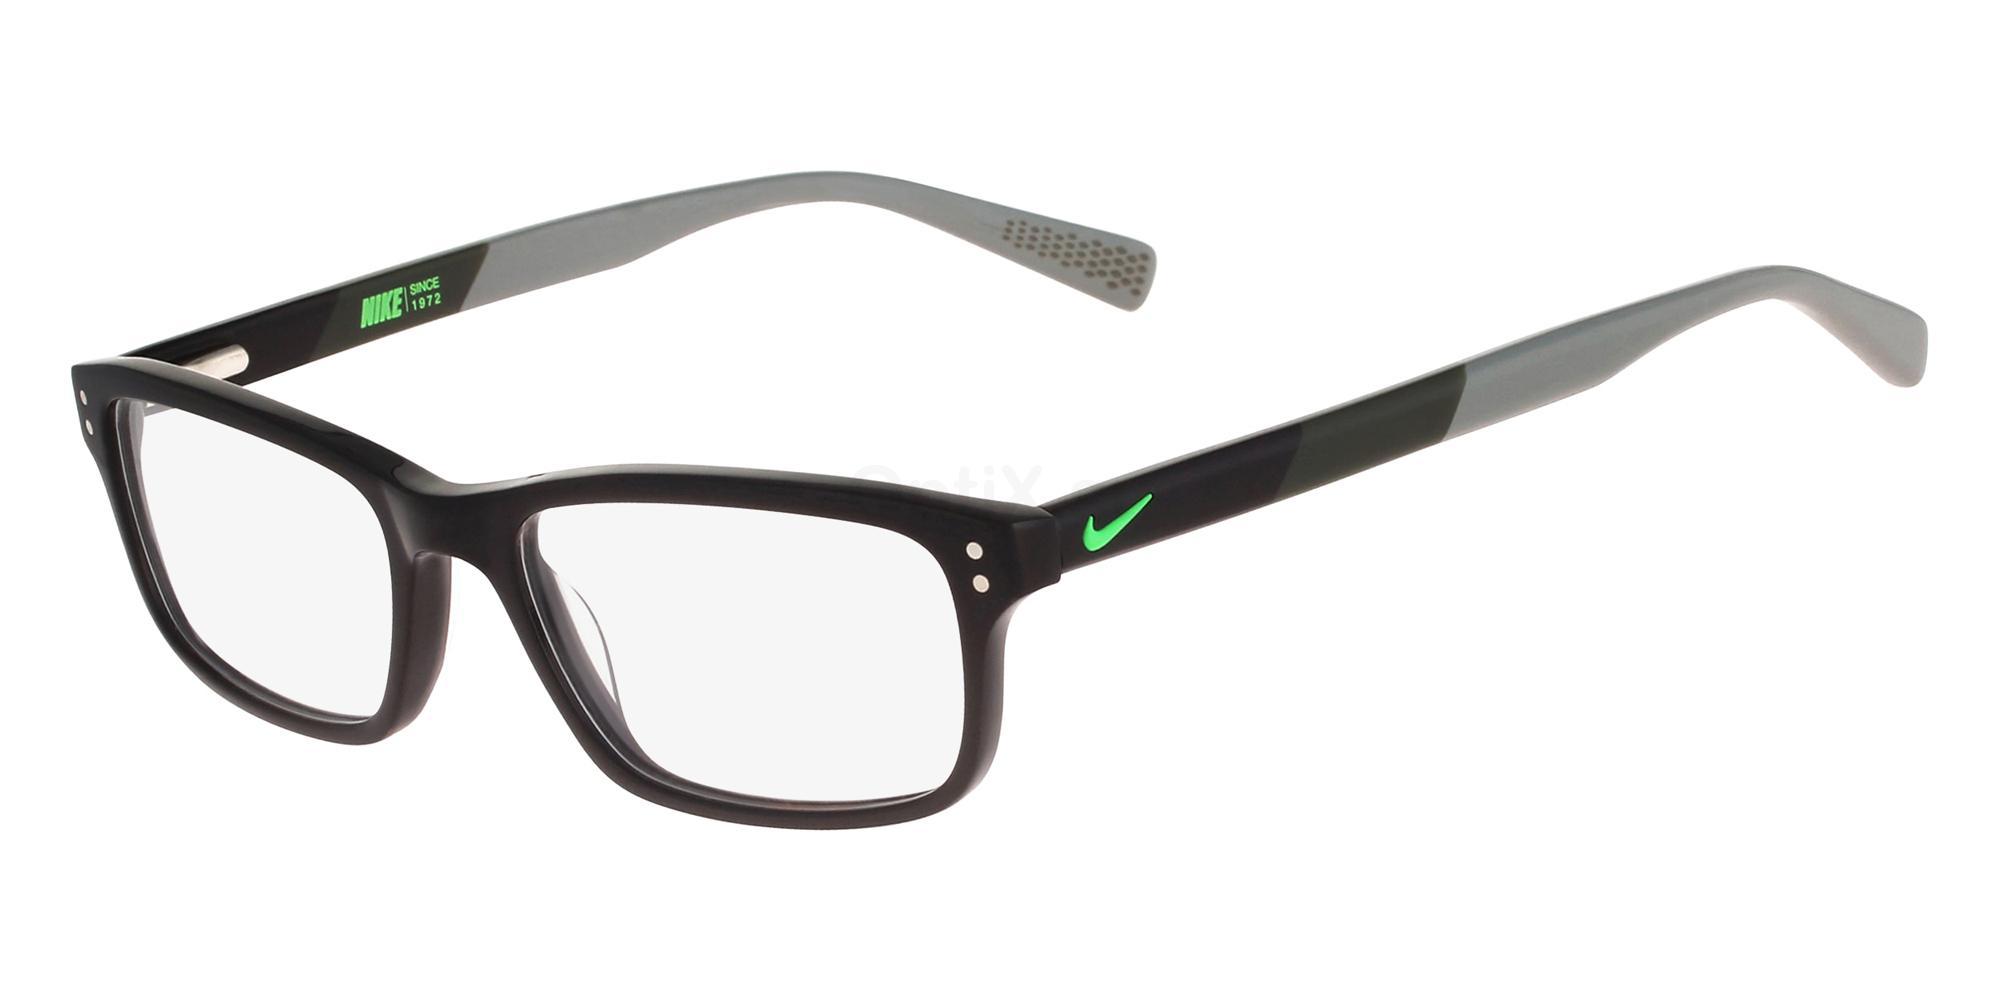 001 NIKE 7237 Glasses, Nike